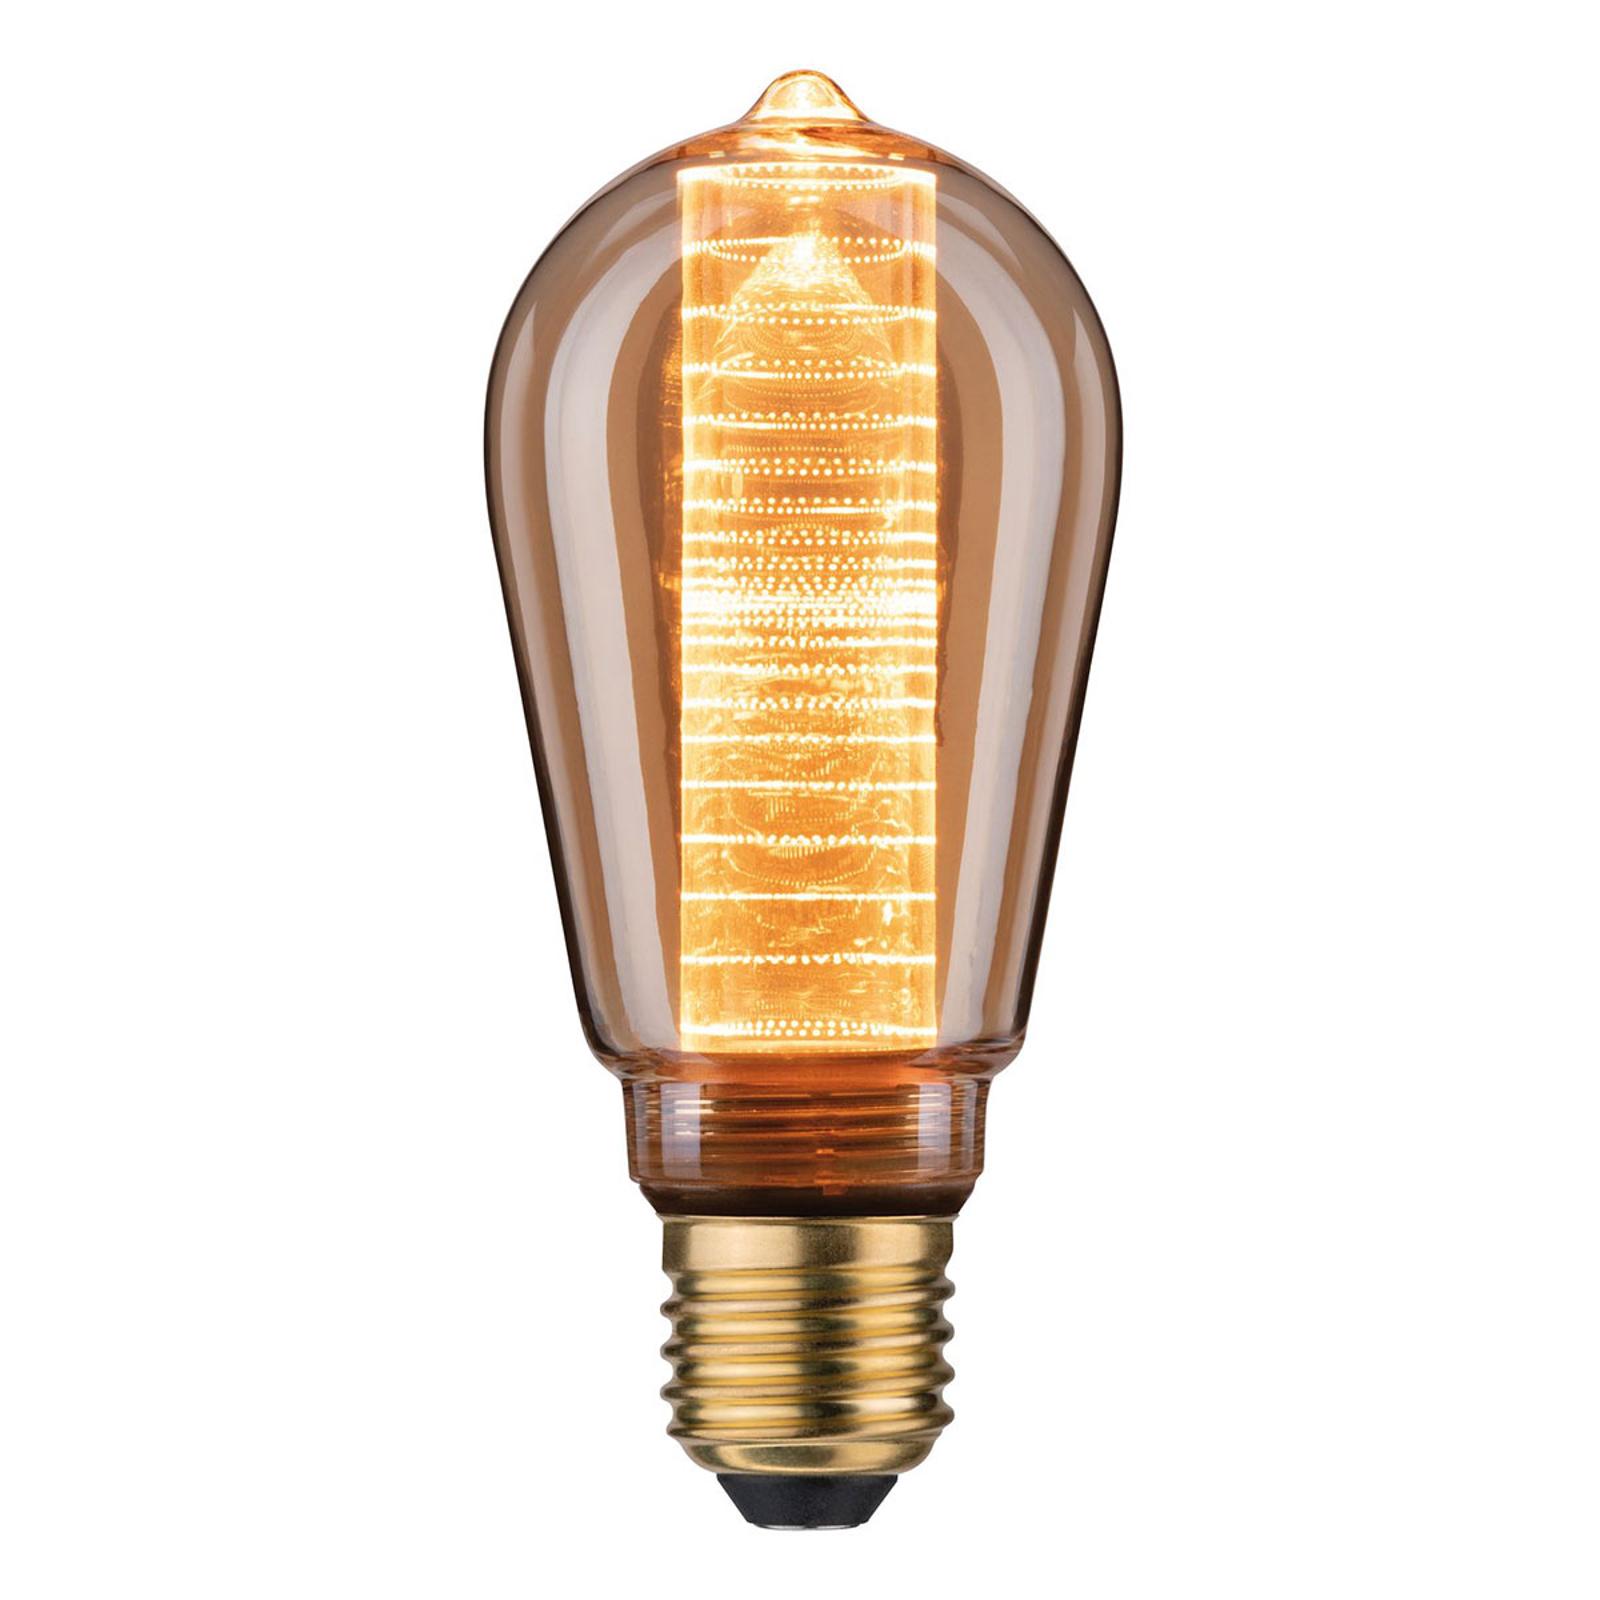 LED-pære E27 ST64 4 W InnerGlow med ringmønster